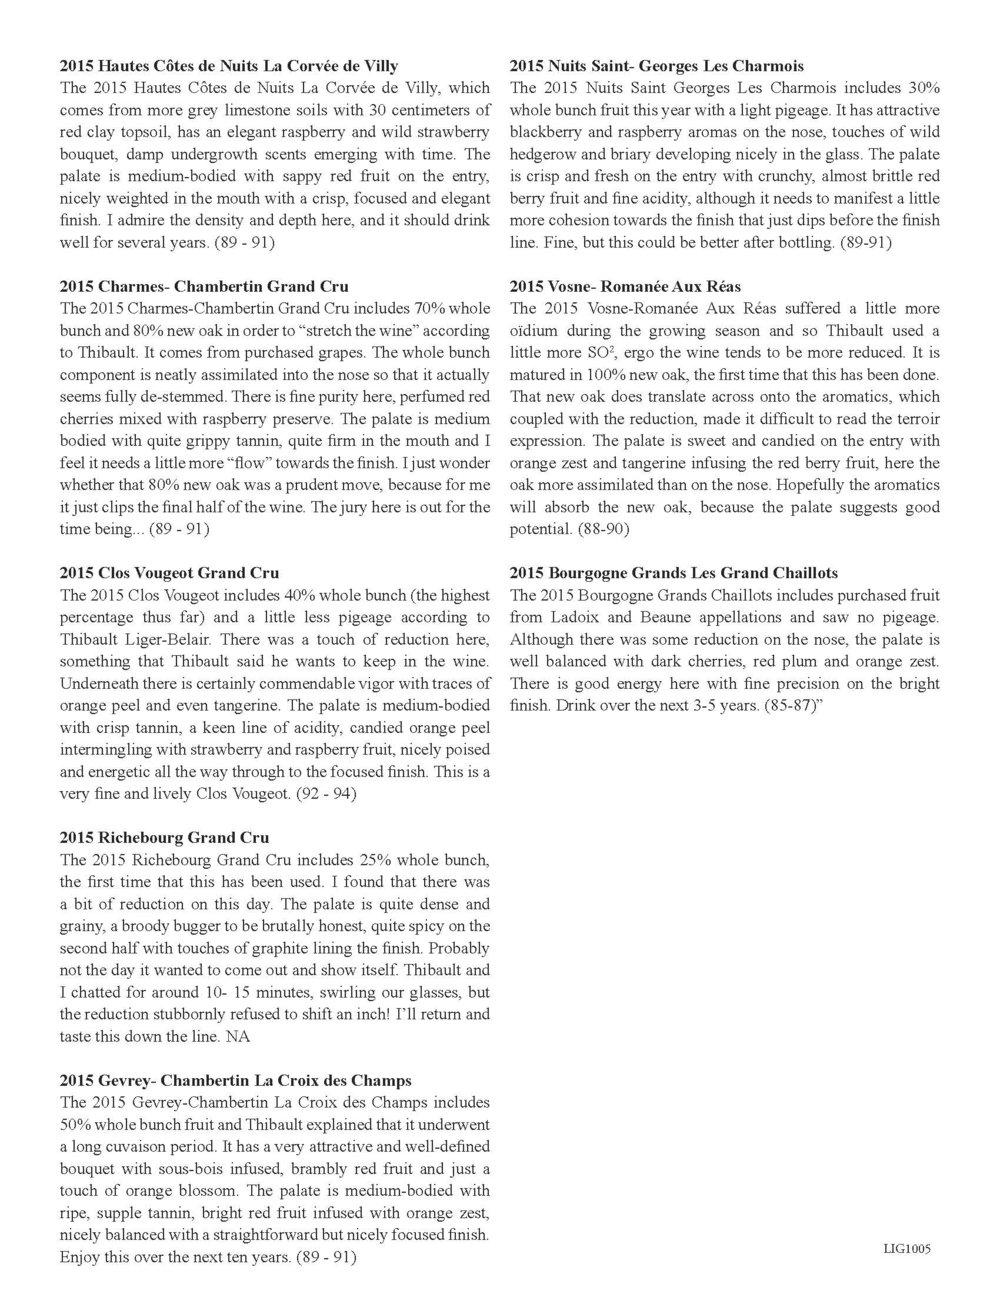 Thibault LigerBelair Multi Review_Page_2.jpg